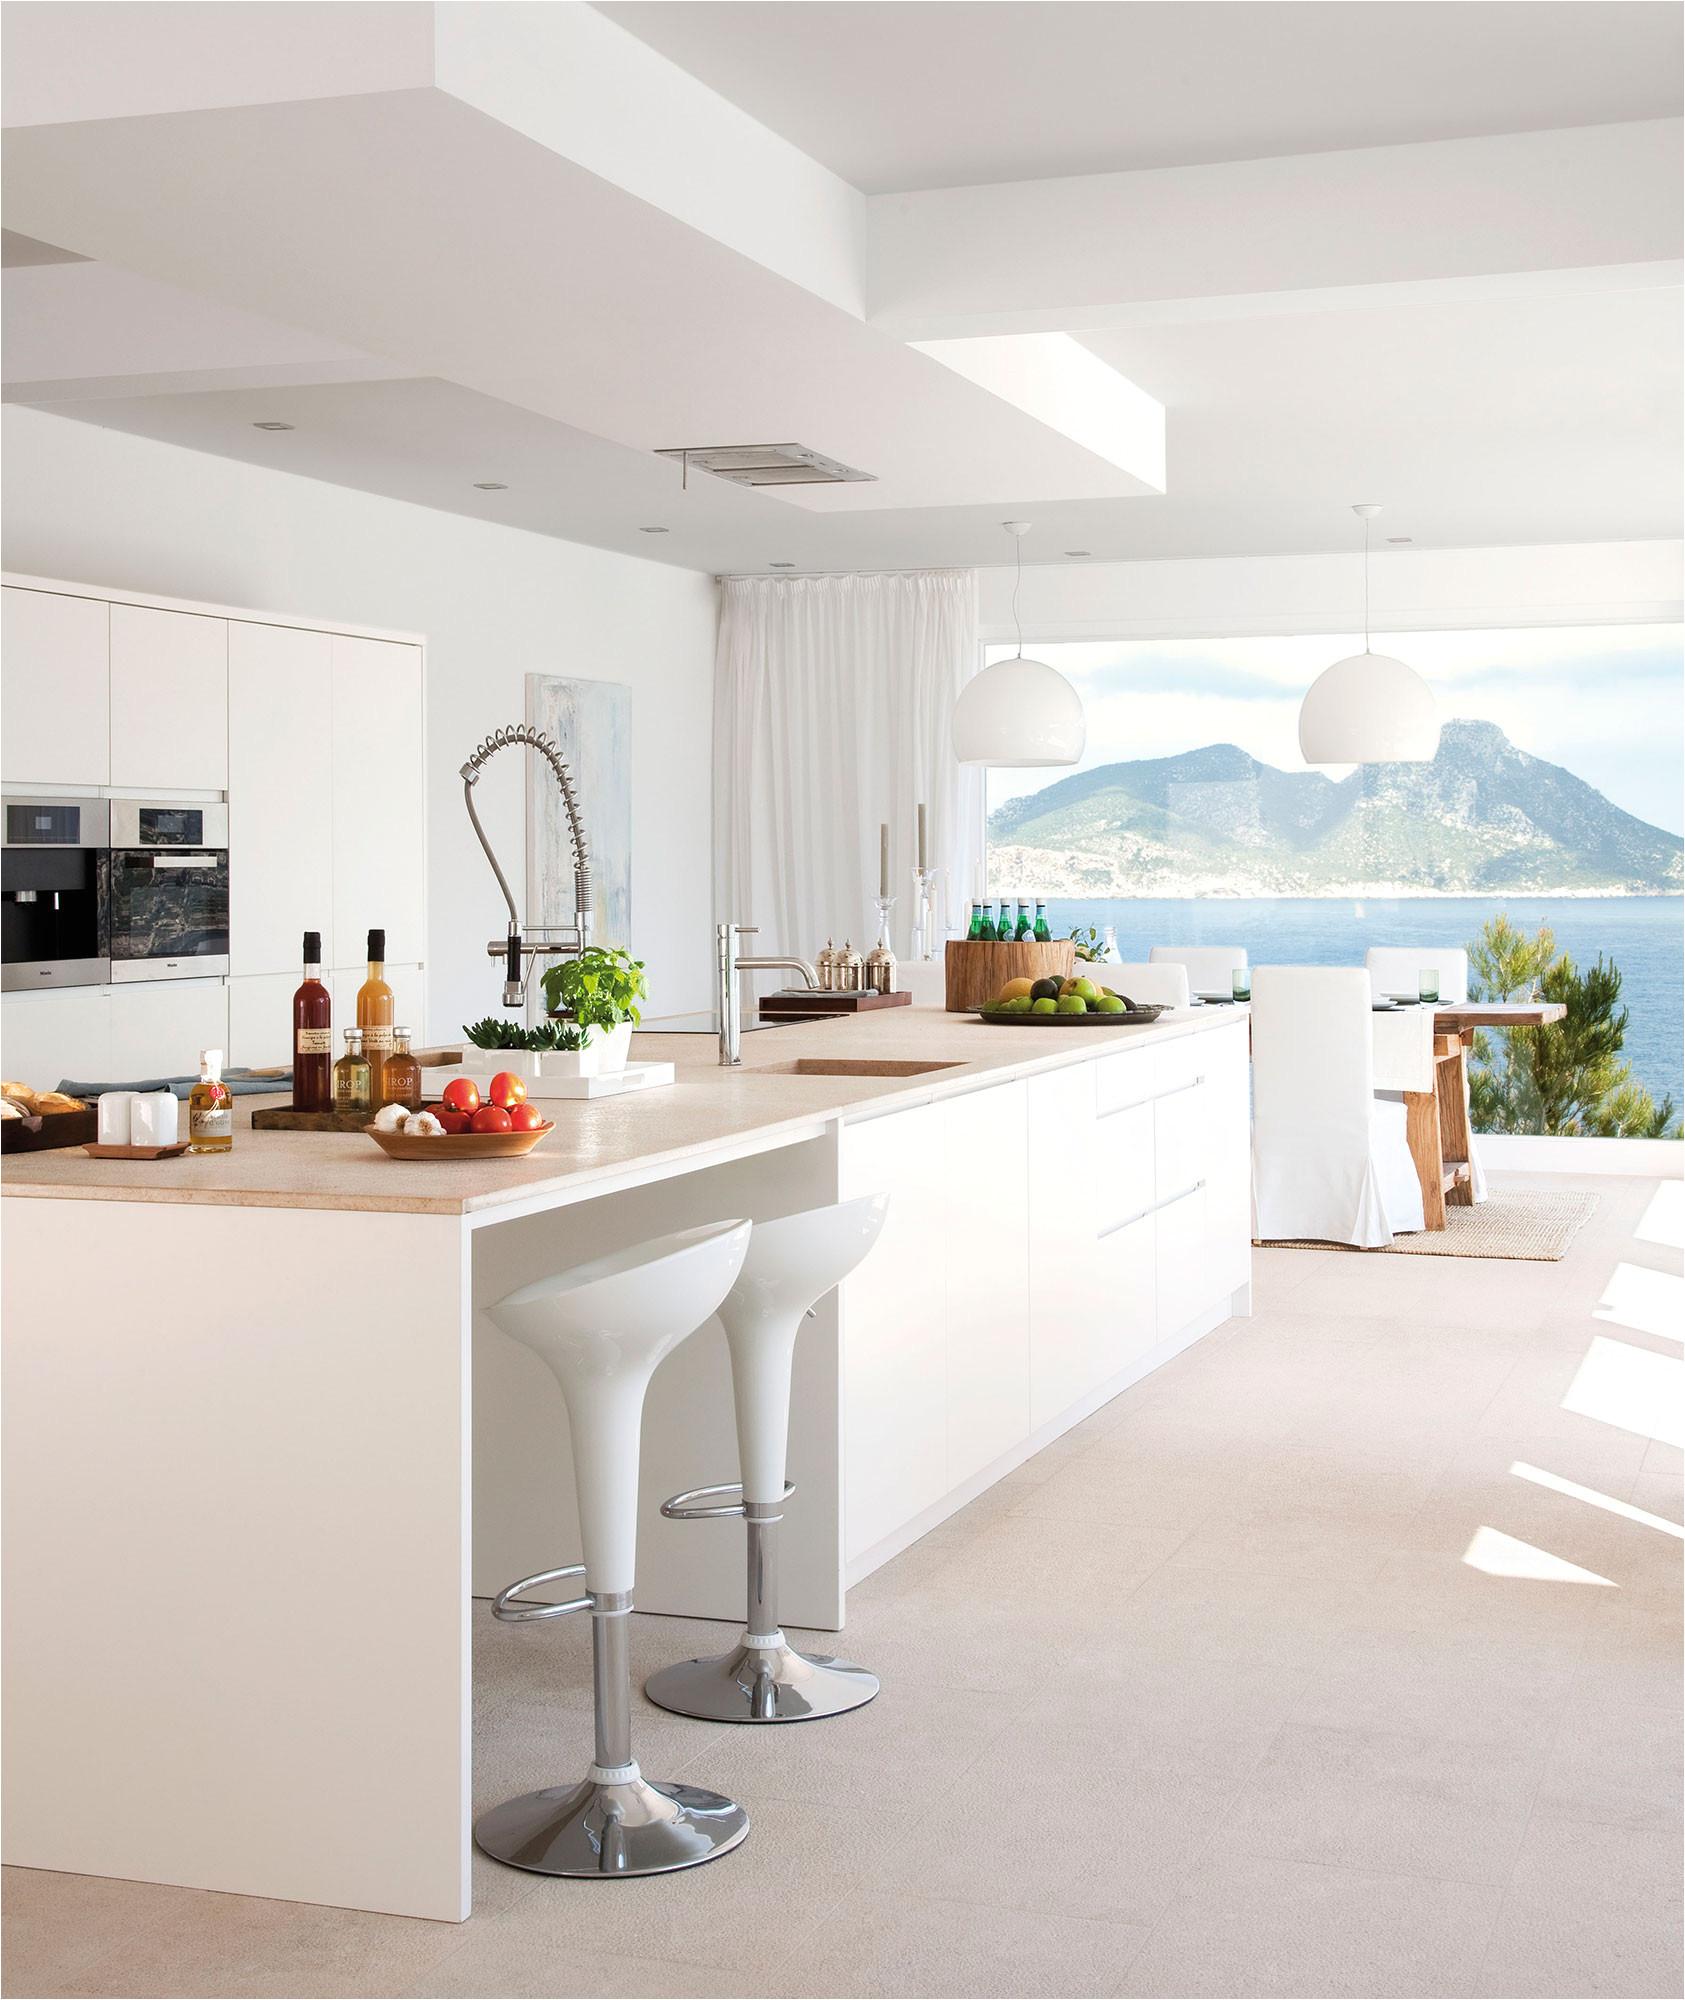 suelos para cocinas blancas a favor de bonito cocinas blancas termino para suelos para cocinas blancas jpg